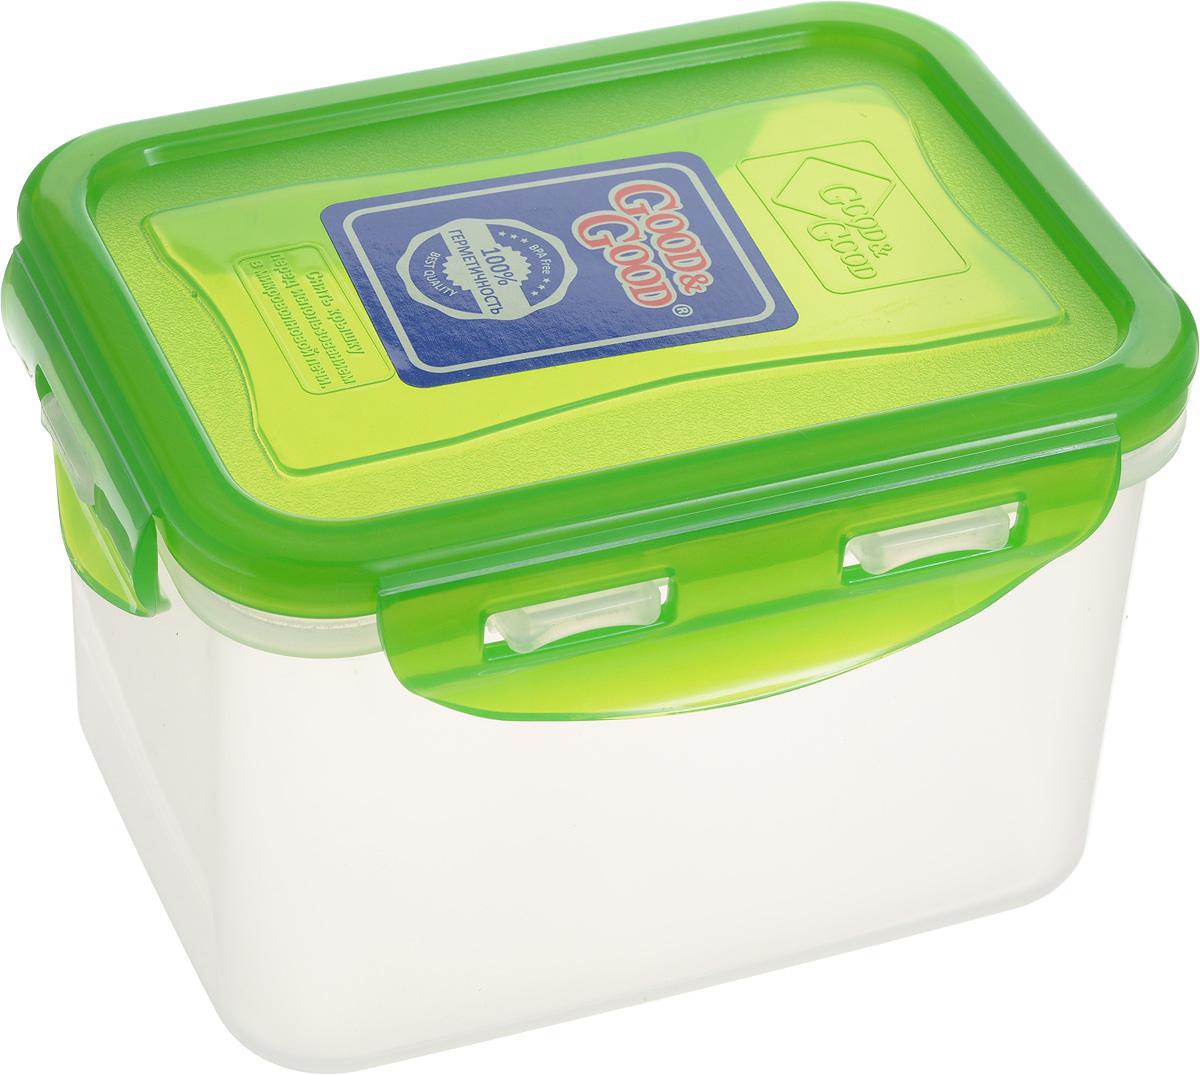 Контейнер пищевой Good&Good, цвет: зеленый, 630 мл. B/COL 02-2 good